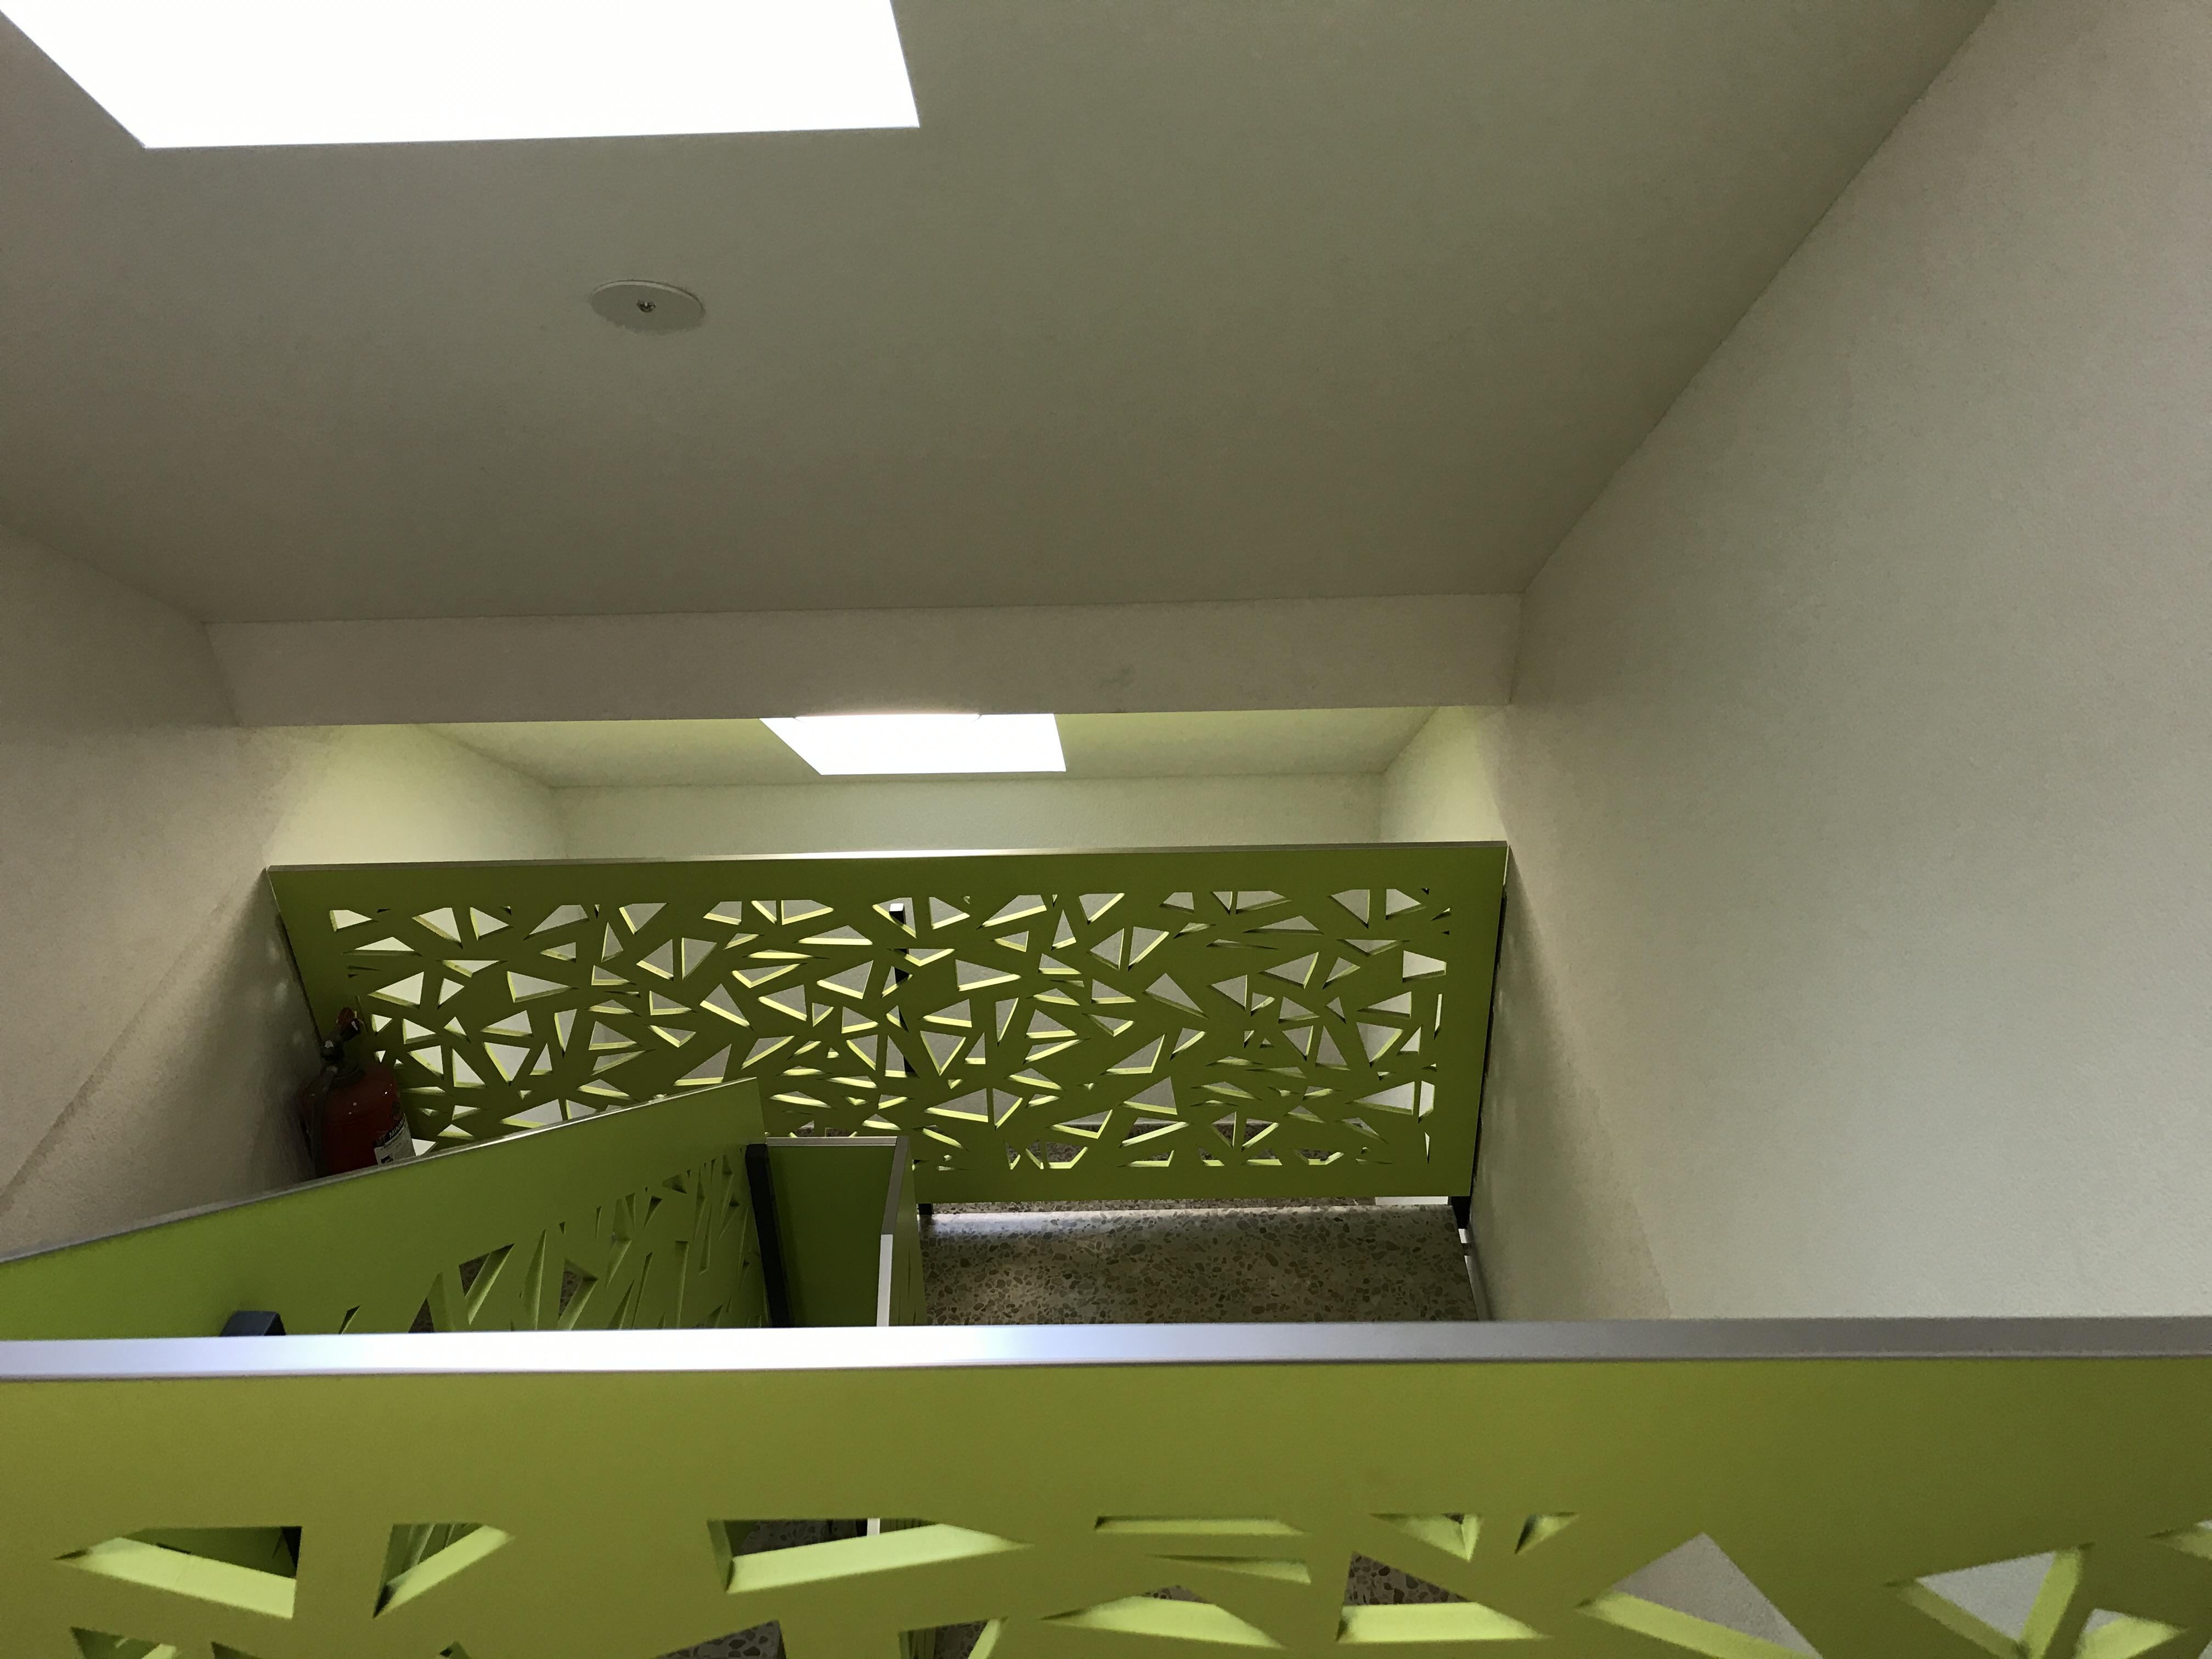 Innenausbau: Lackiertes und perforiertes Treppengeländer aus MDF (Mitteldichte Faserplatte) | Krattiger Holzbau AG Amriswil